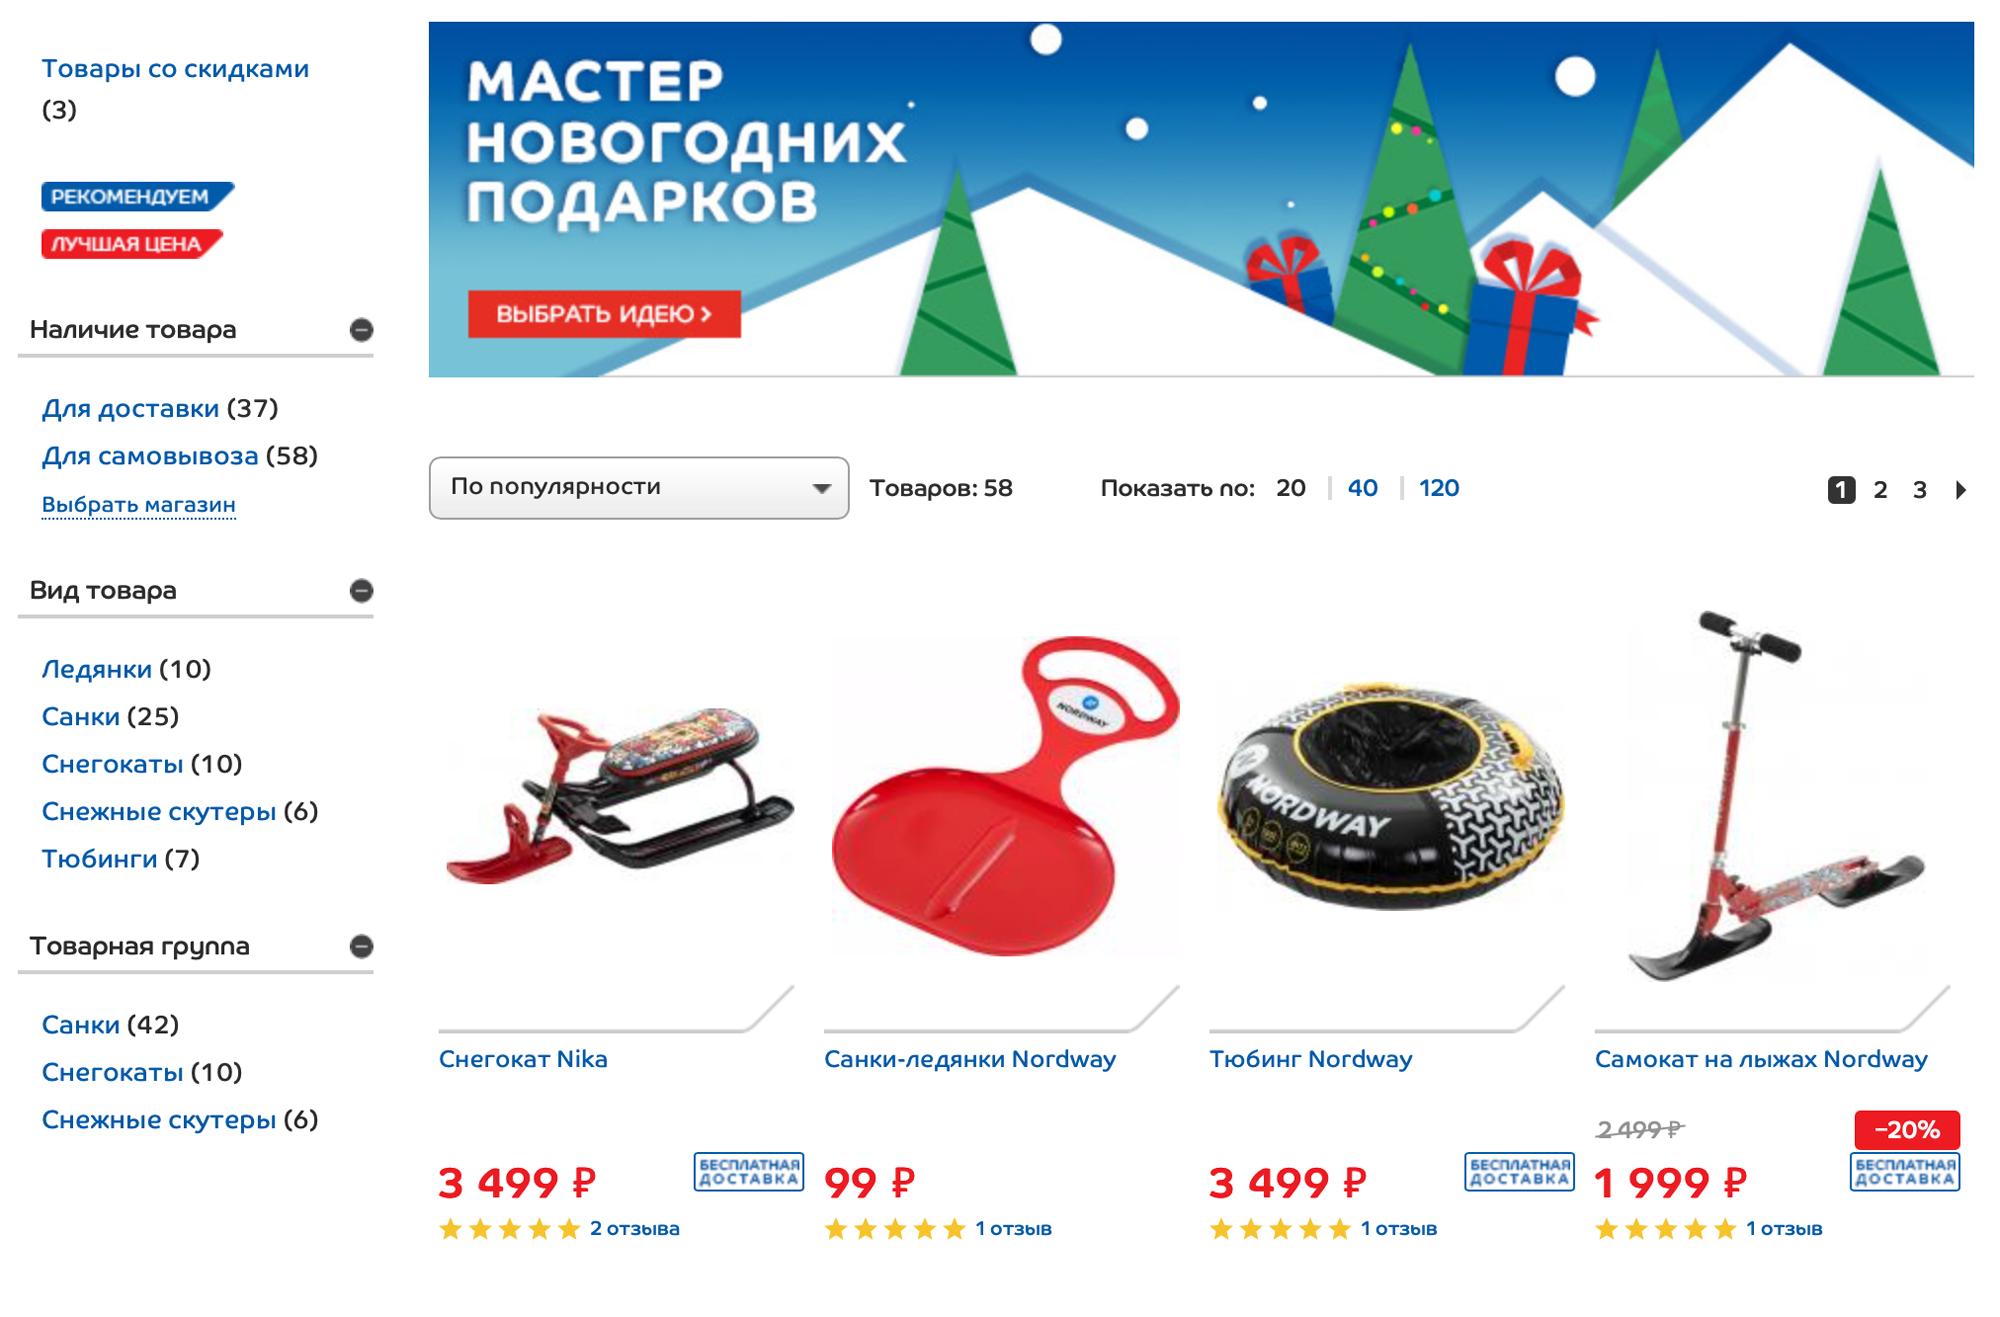 Хитрые маркетологи знают нашу психологию: до круглой суммы не хватает всего рубля, а нам кажется, что цена ниже